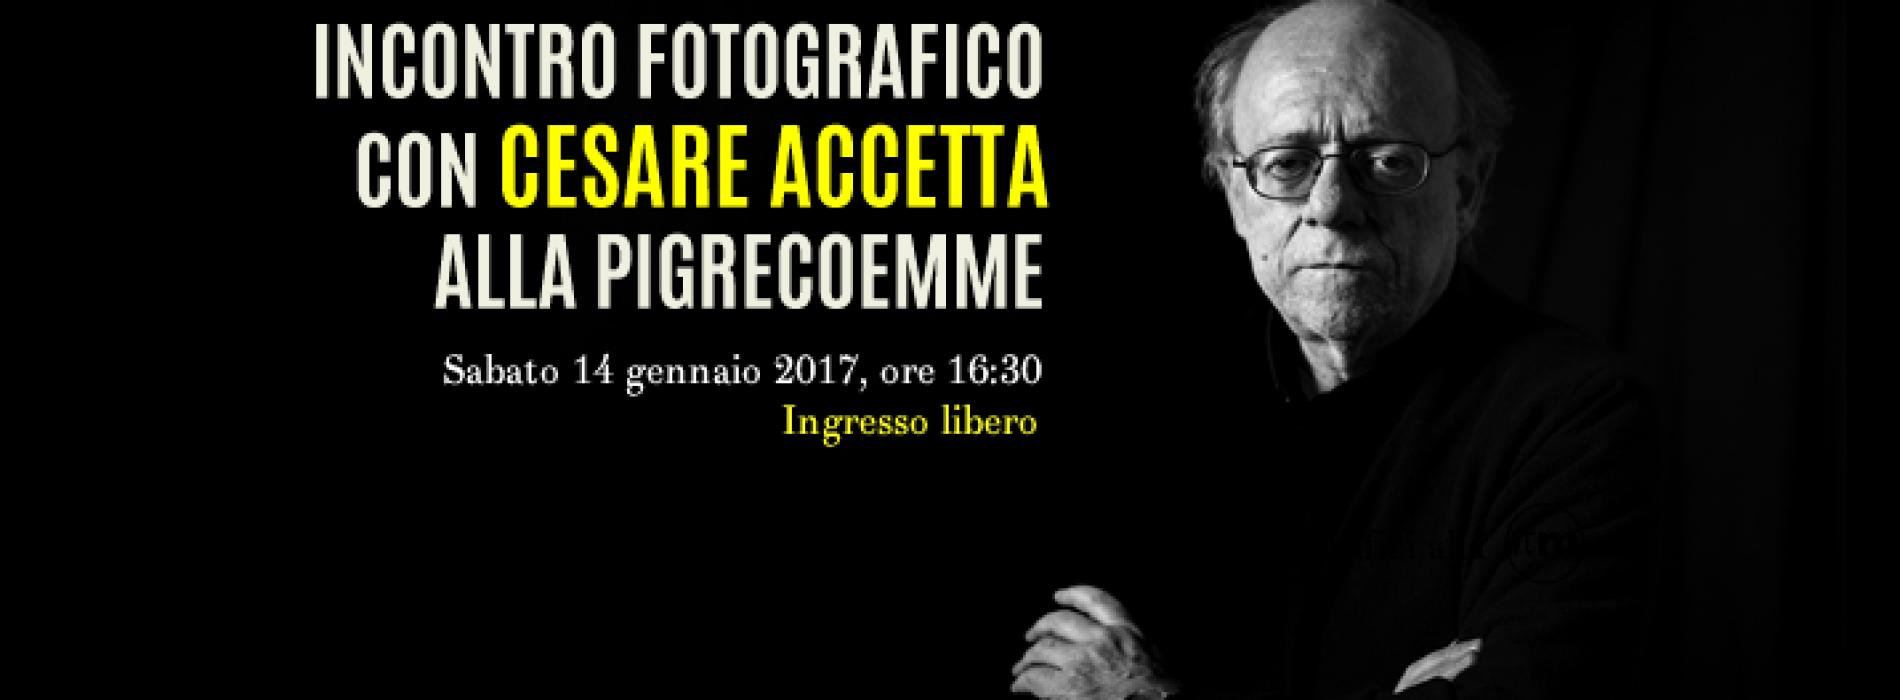 Luca Sorbo incontra Cesare Accetta, il signore della luce